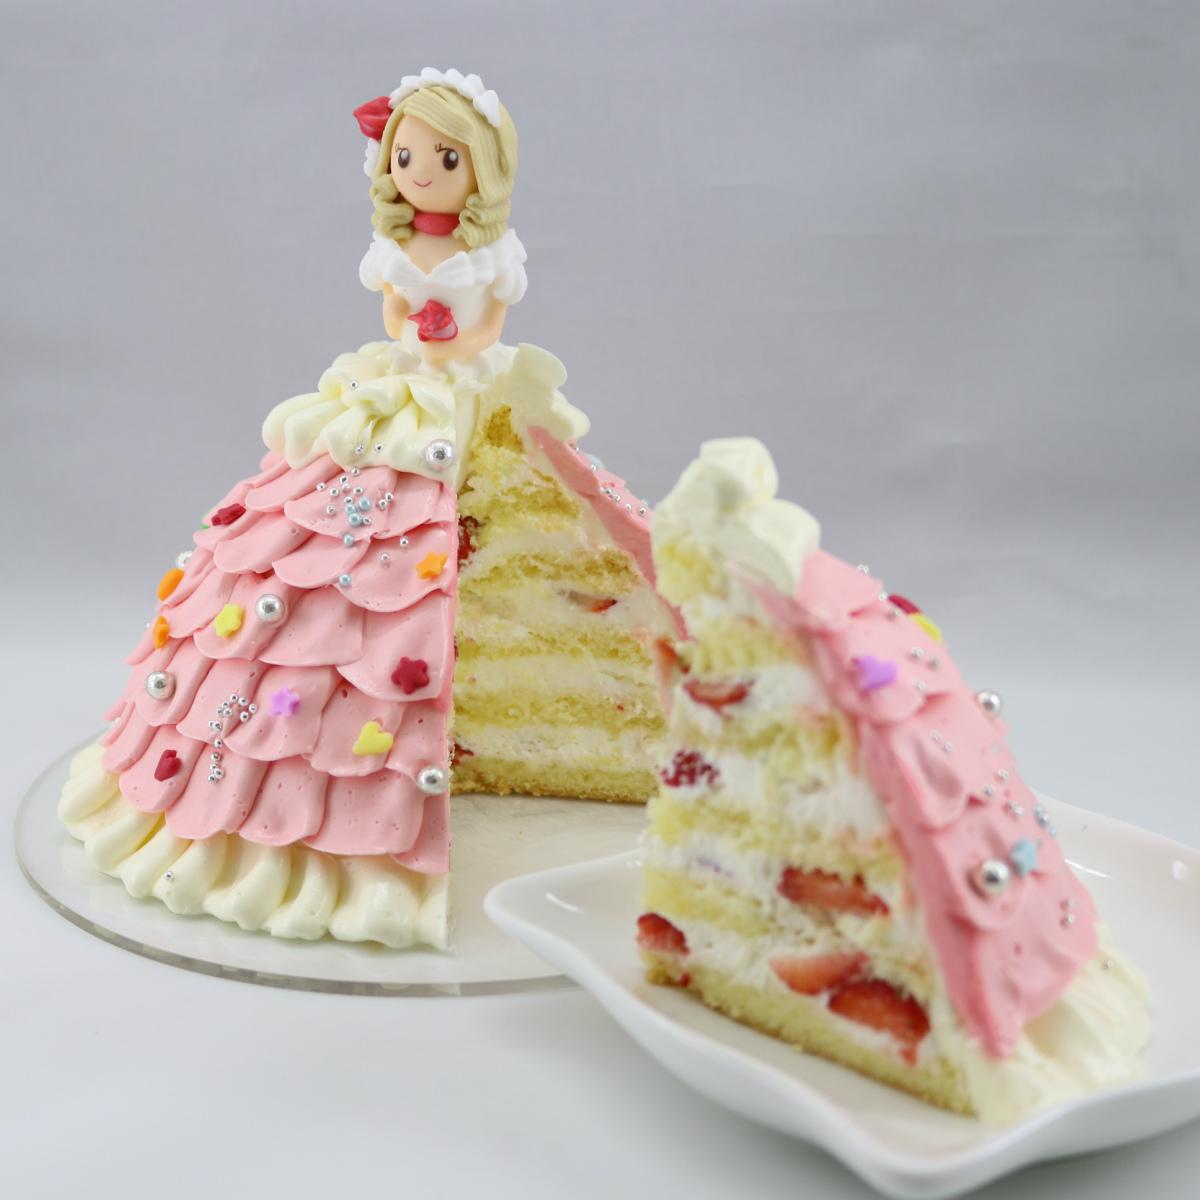 とってもかわいいプリンセスケーキバースデーケーキ(ピンク)4号直径12.0cm約4